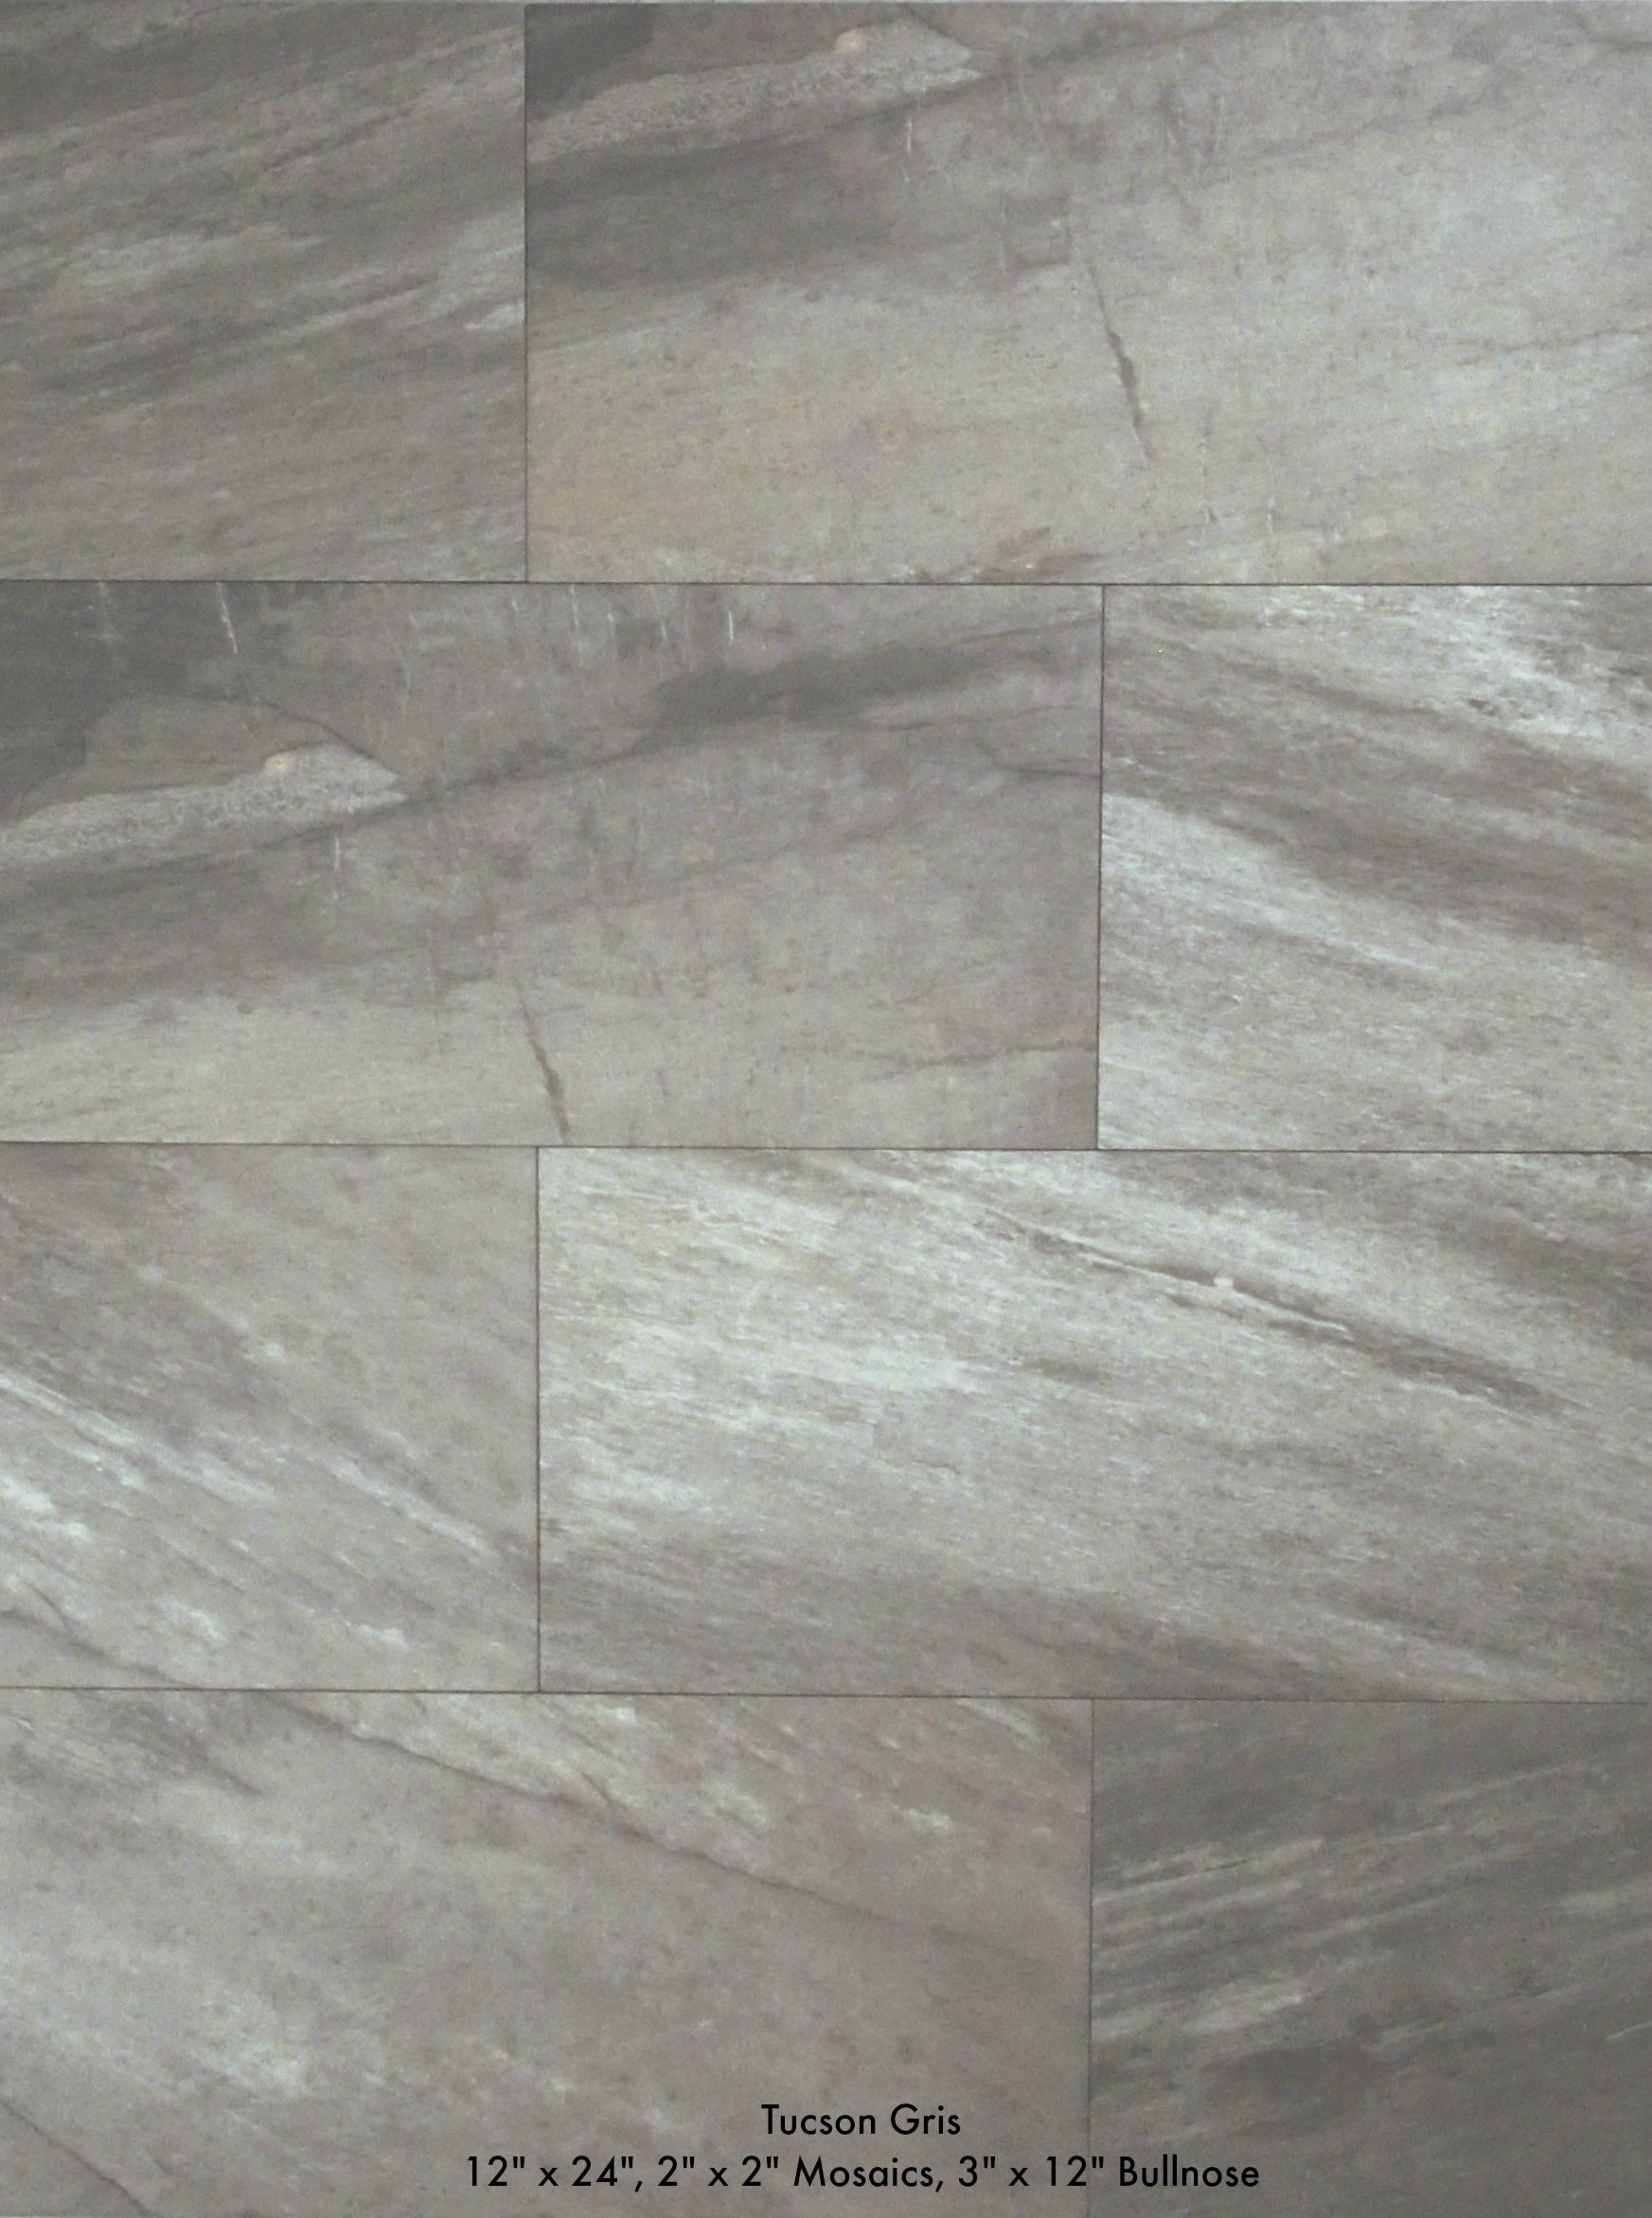 Ceramic Tile Works Omaha Ne Tucson